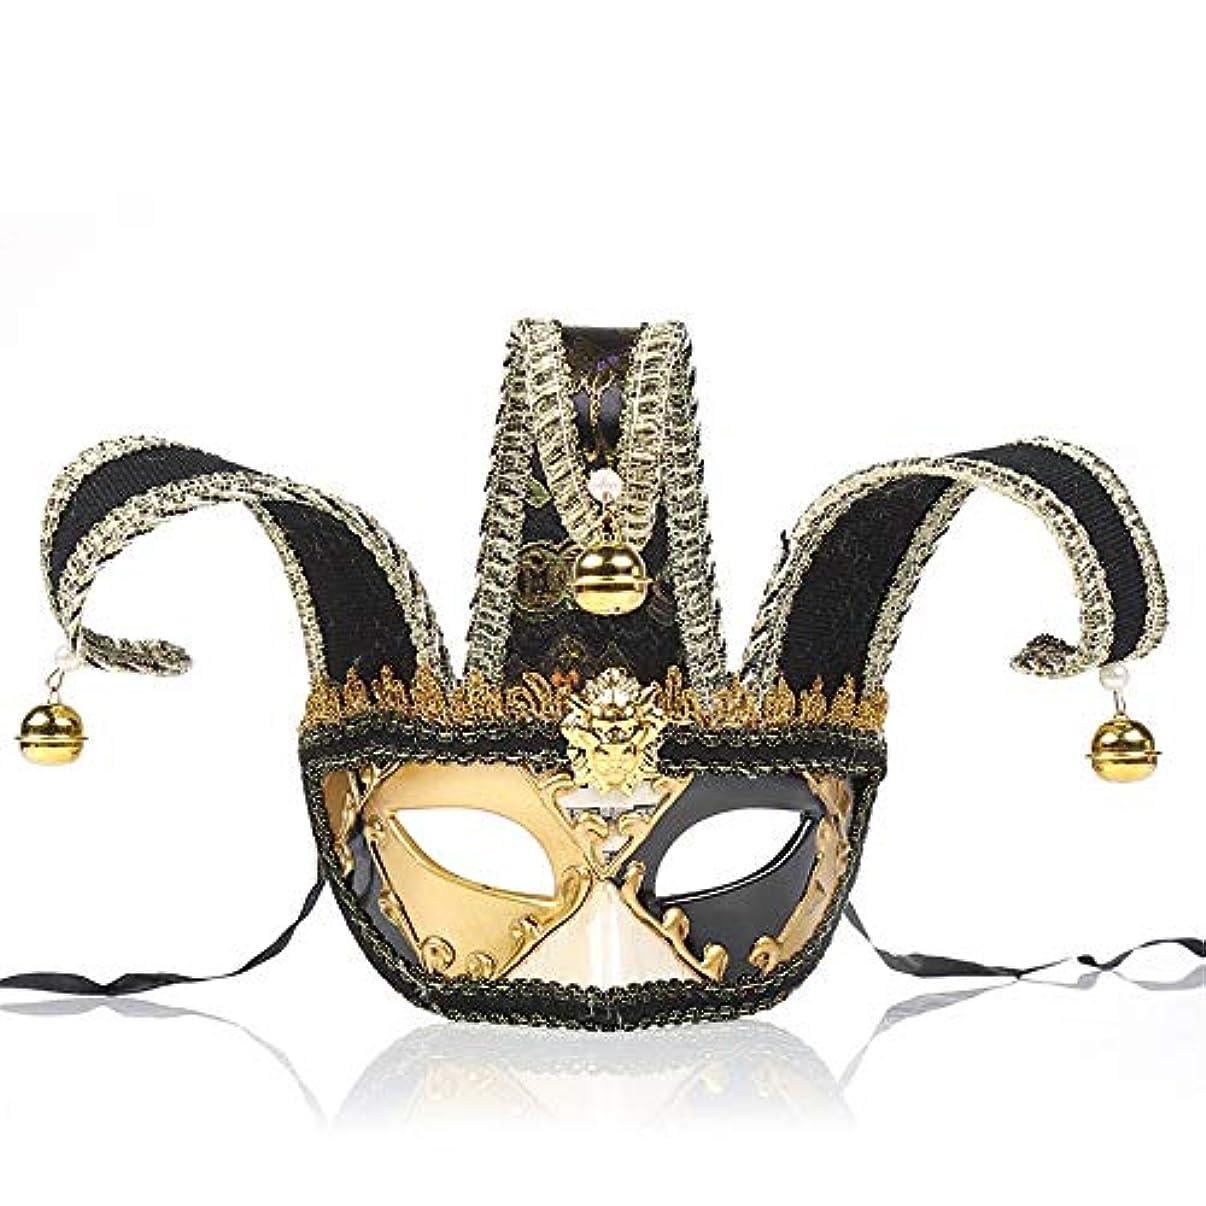 乳剤地上の気分が悪いダンスマスク 若者の少女ハロウィーンギフトレトロマスクホット販売マスカレードロールプレイング装飾 ホリデーパーティー用品 (色 : ブラック, サイズ : 28x16.5cm)